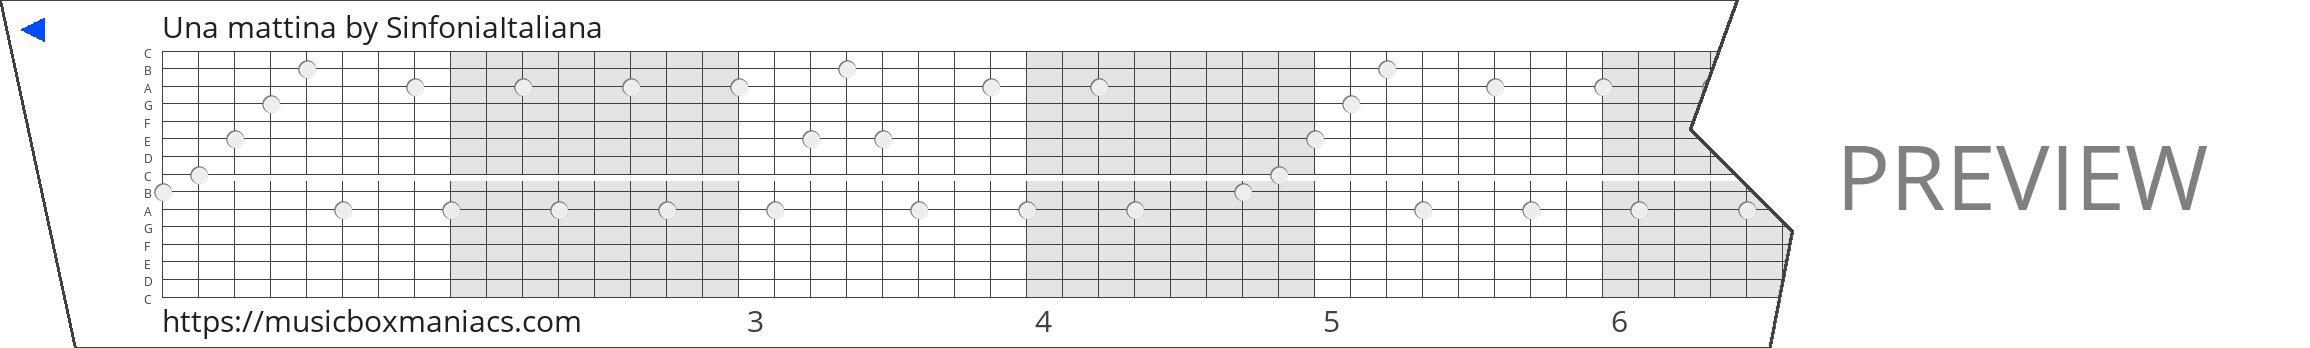 Una mattina 15 note music box paper strip